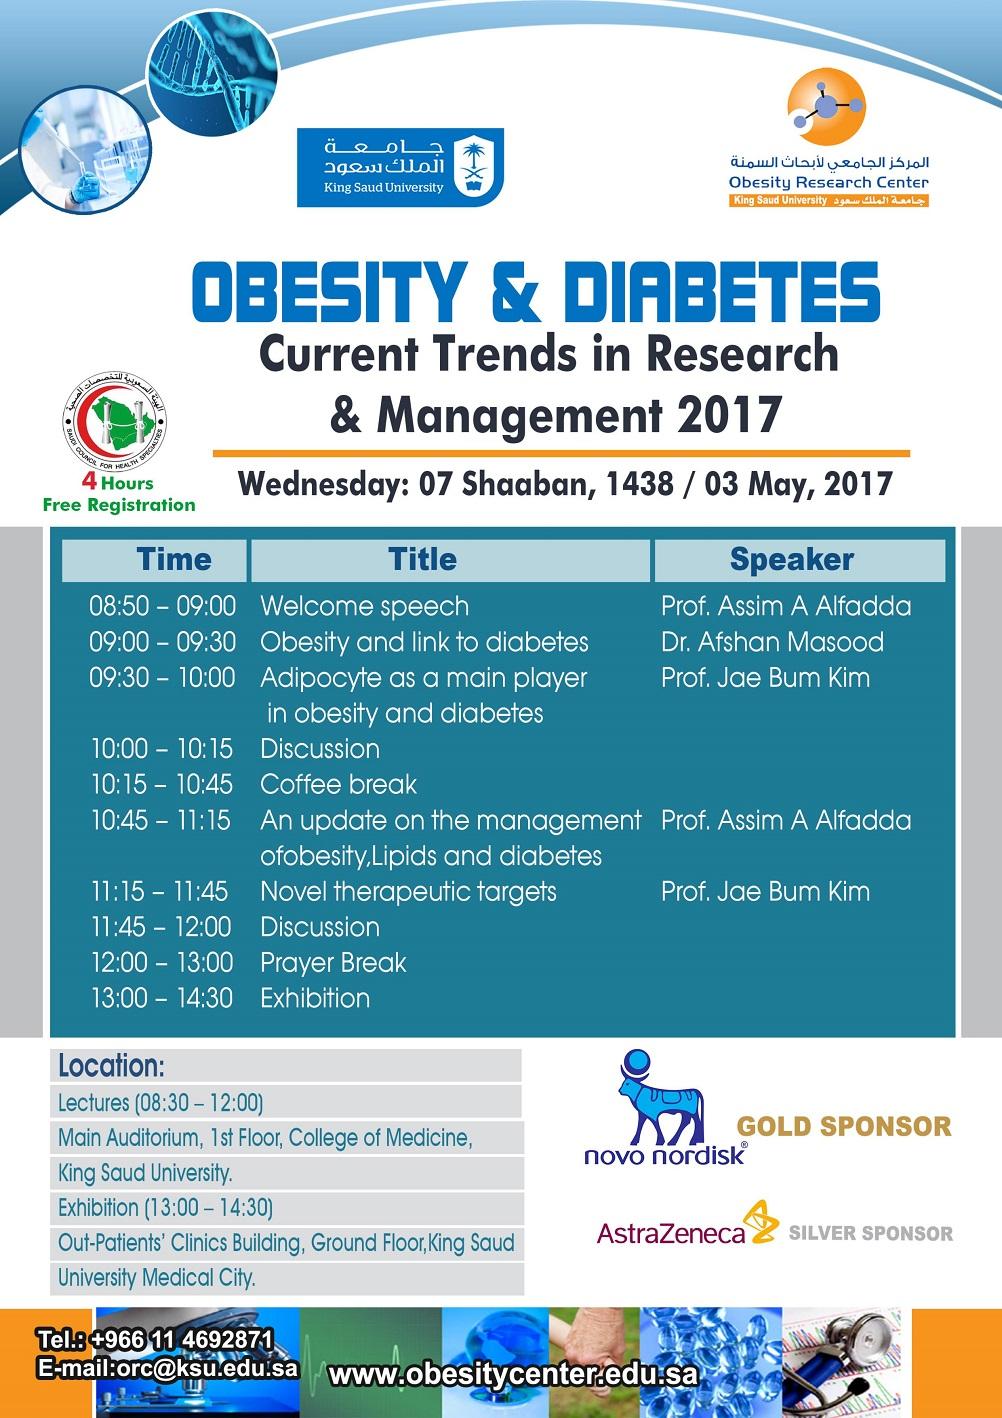 اعلان السمنة والسكري 2017 -الاتجاهات الحالية في البحث والعلاج